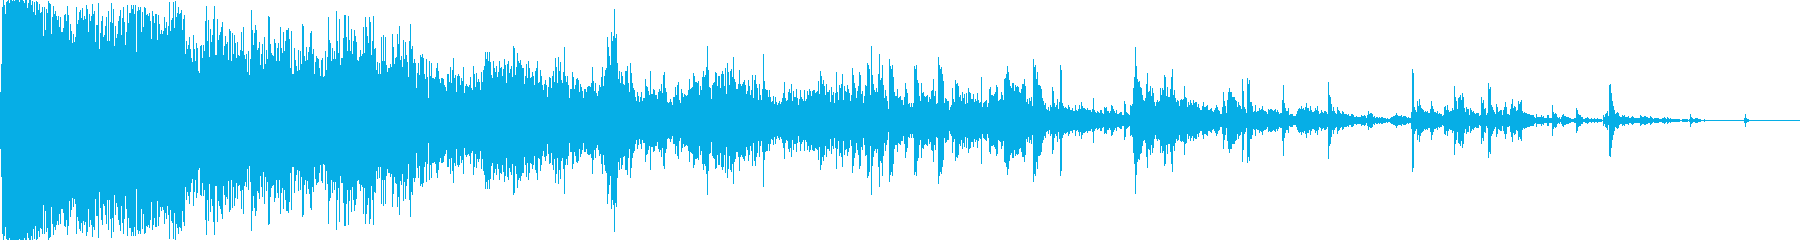 ジャンクパイルクラッシュ、デブリス...の再生済みの波形